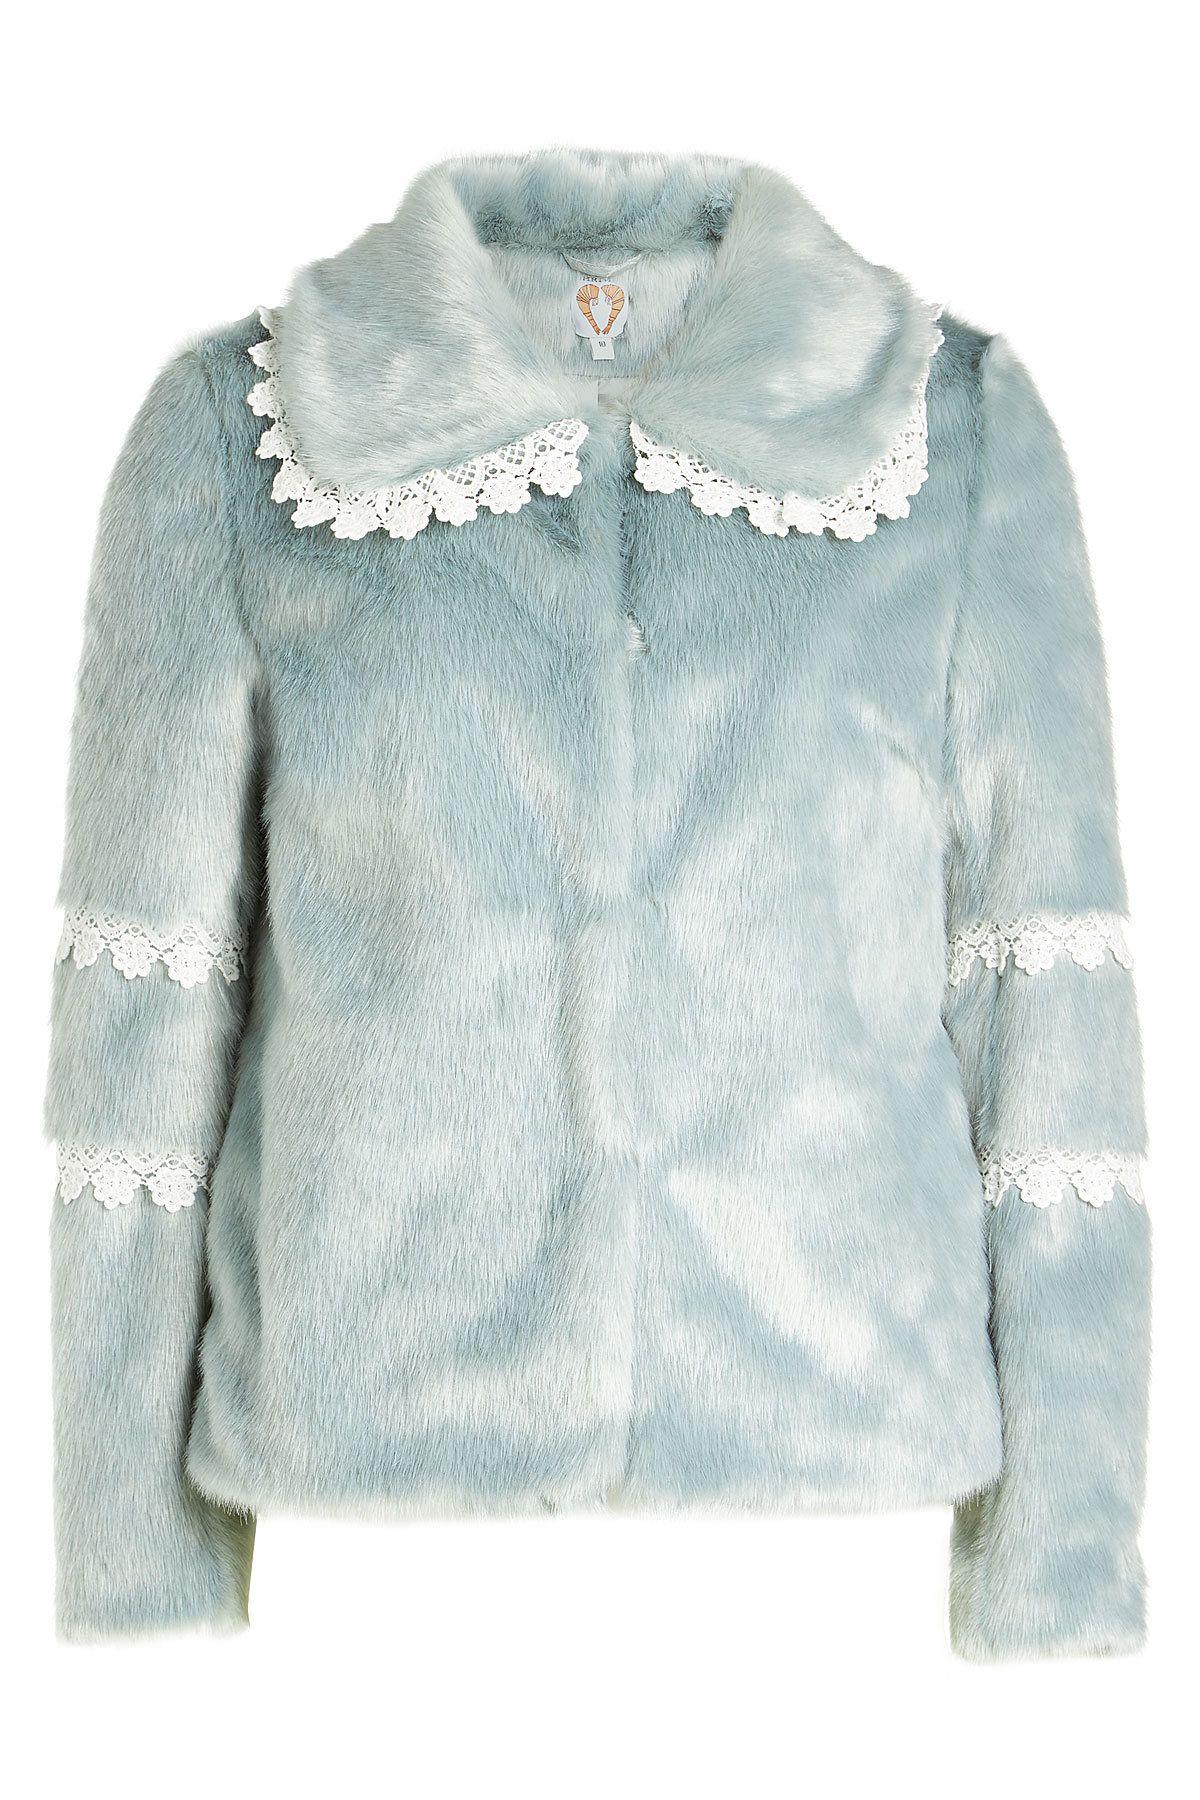 Shrimps Faux Fur Coat With Lace Trim In Blue Modesens Blue Faux Fur Coat Faux Fur Coat Fur Coat